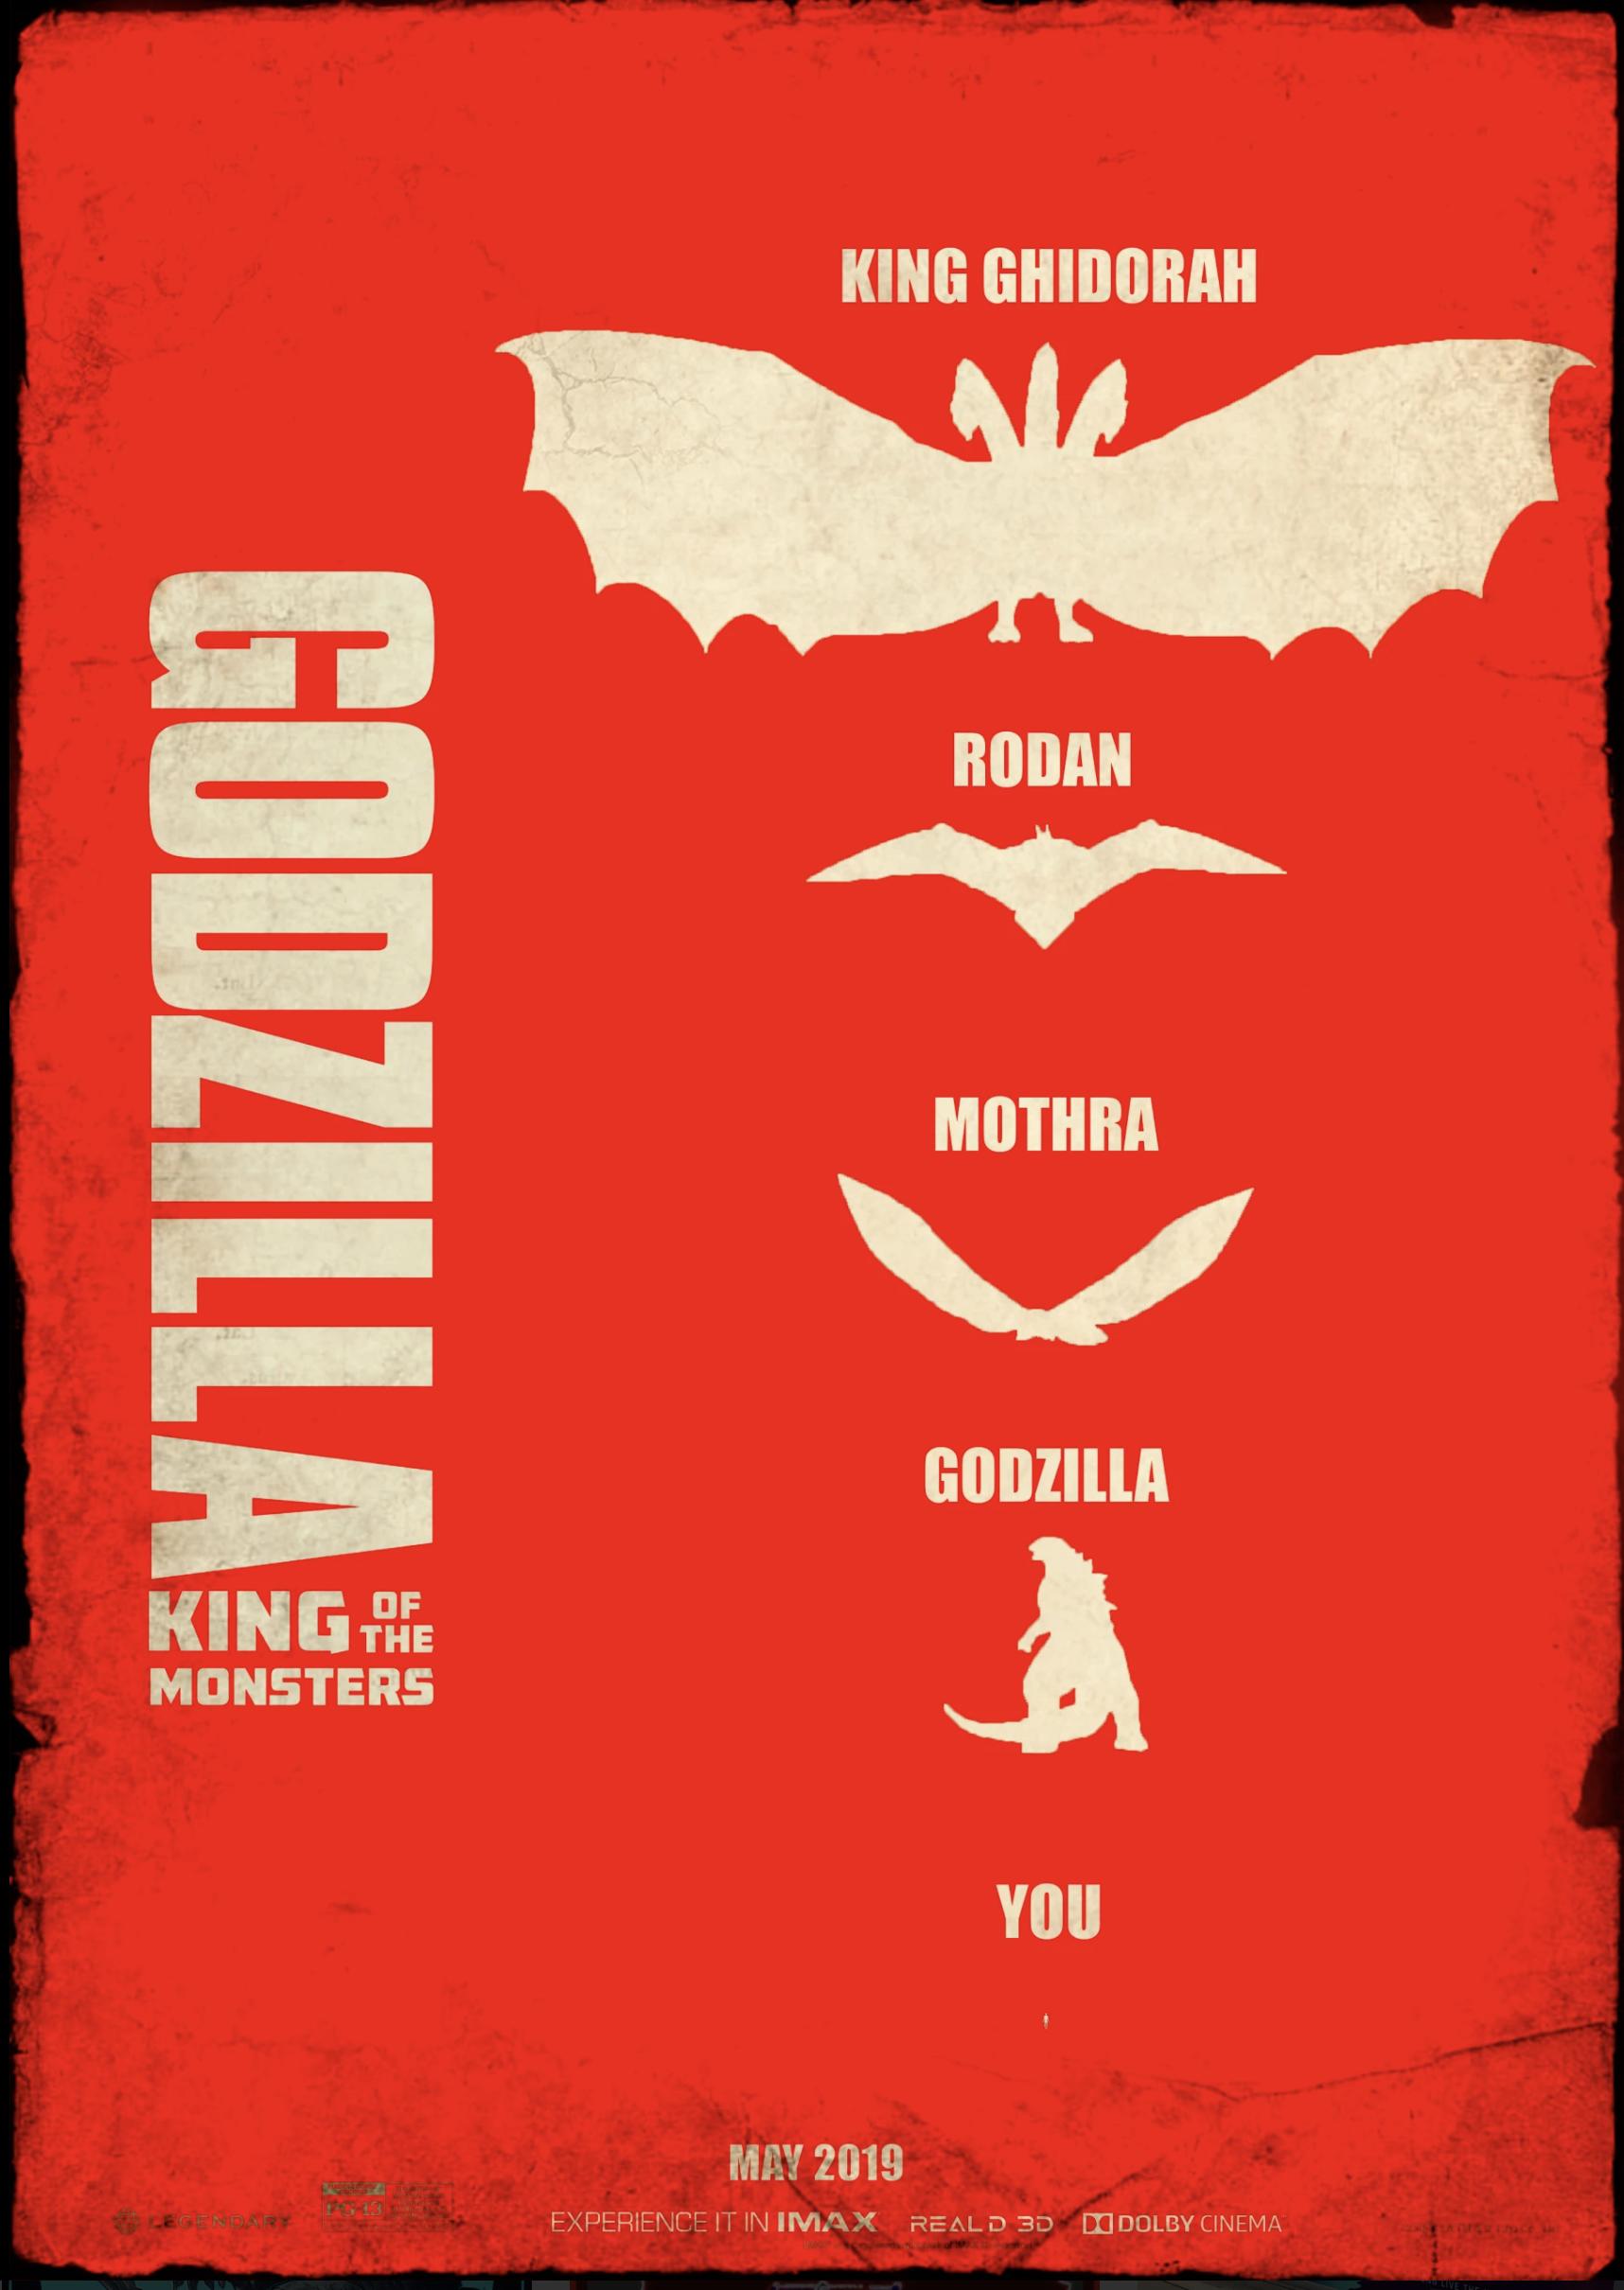 godzilla fan art by Selcuk Gucer